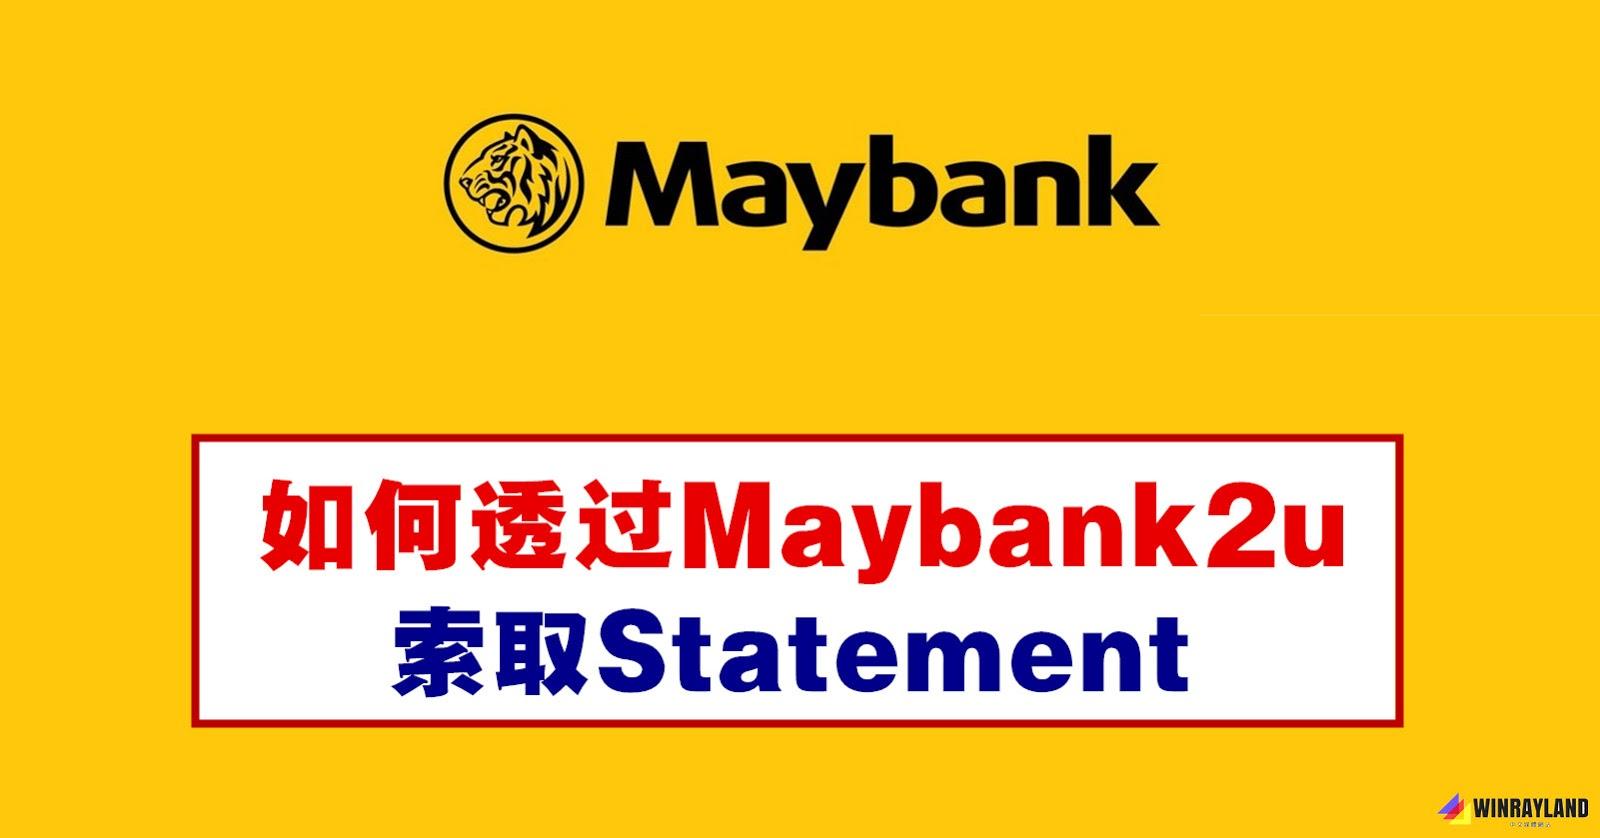 如何透过Maybank2u索取Statement